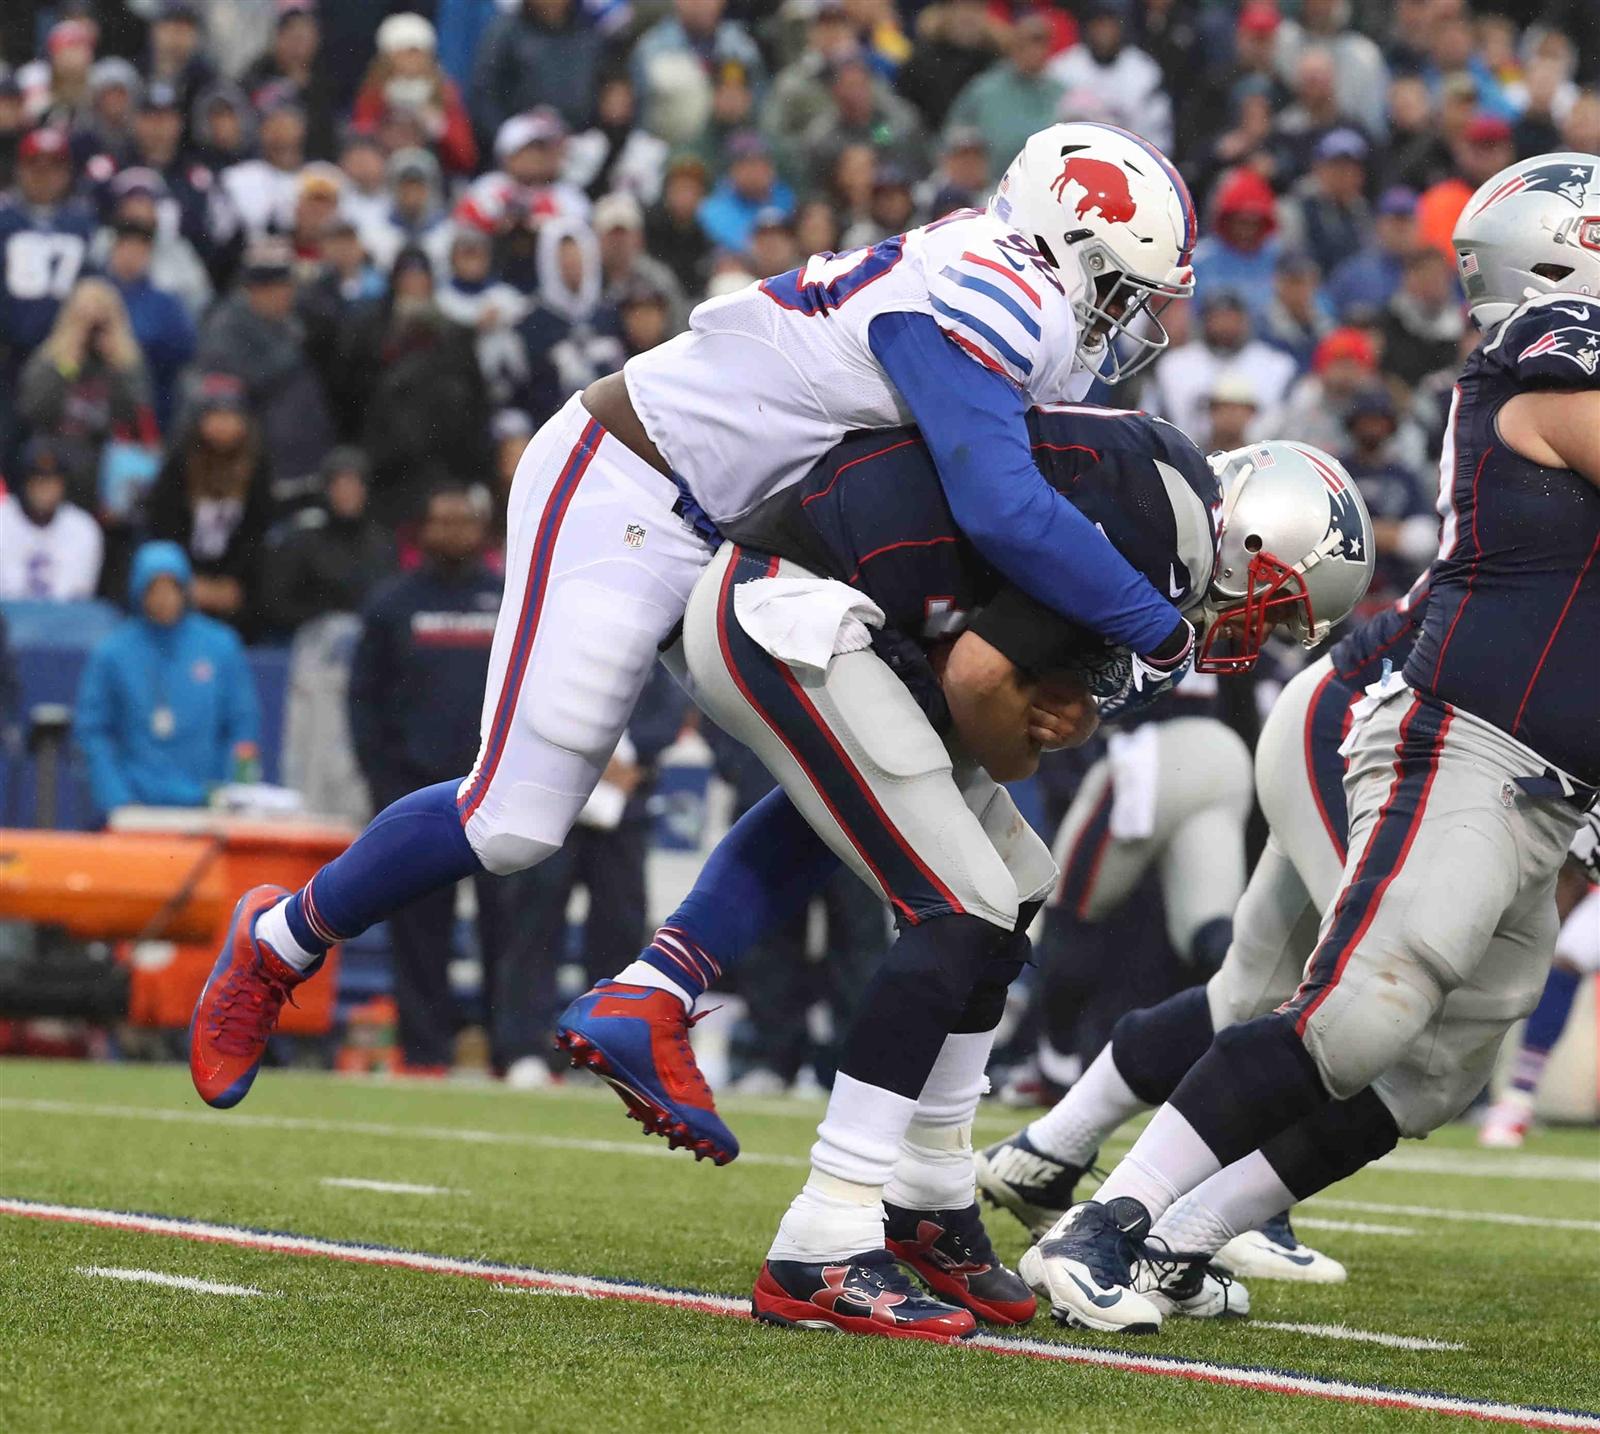 Shaq Lawson sacks Tom Brady. (James P. McCoy/Buffalo News)